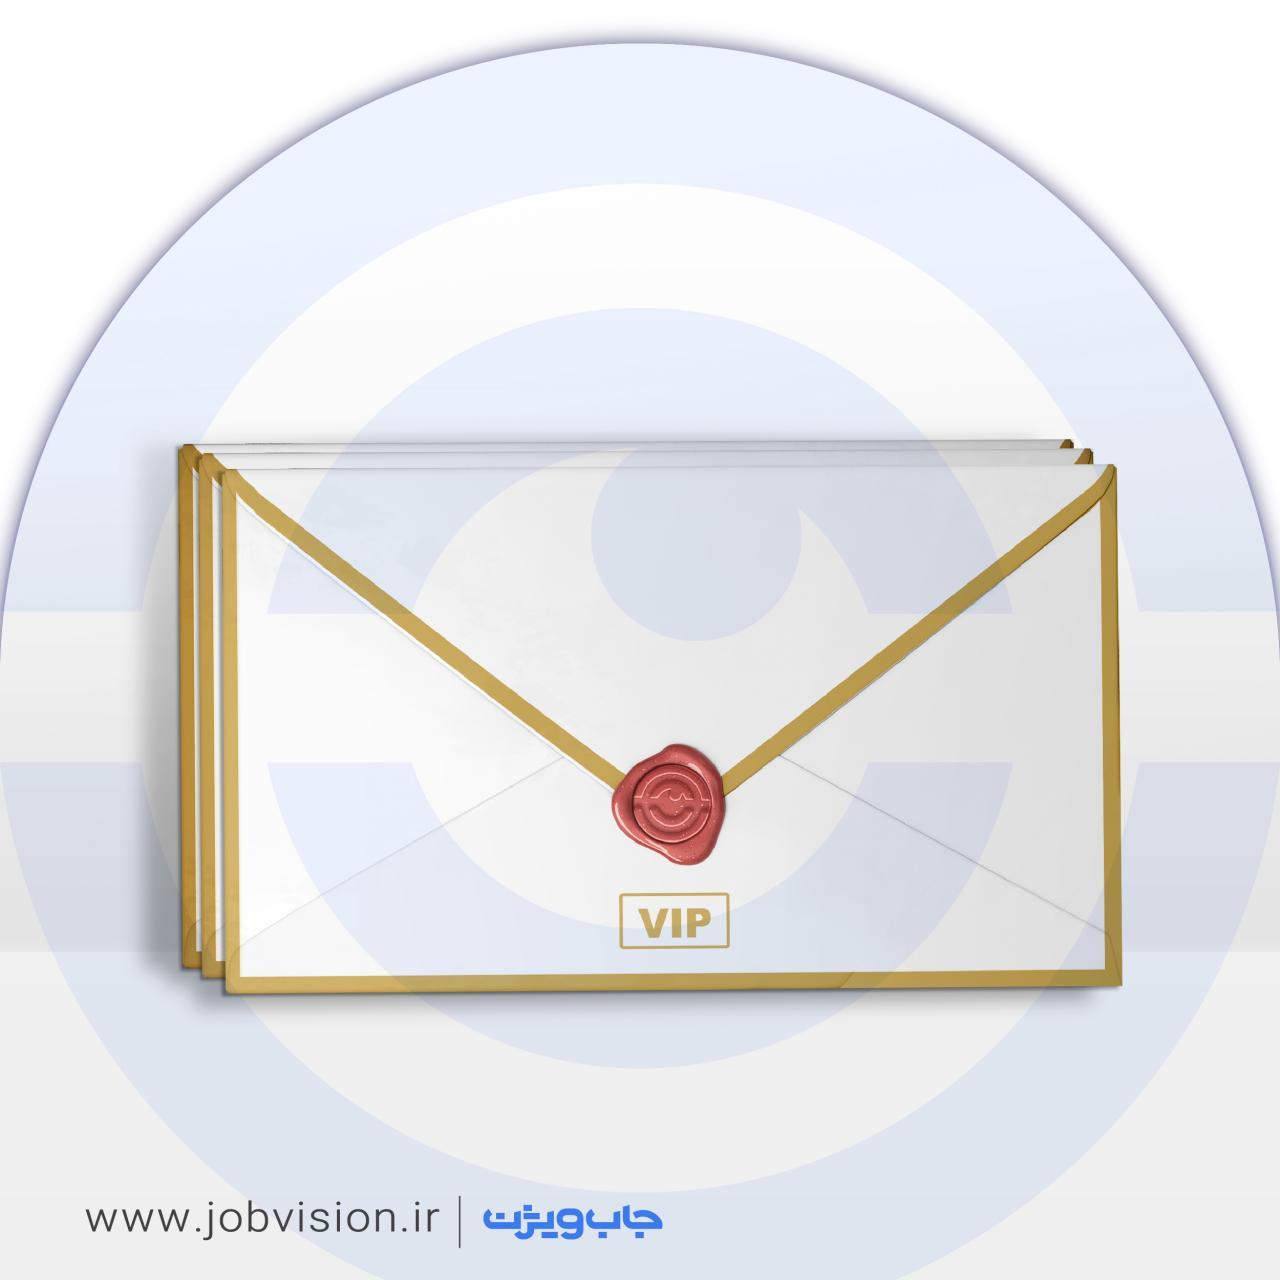 نامه اختصاصی (cover letter) چیست و به چه کاری میآید؟